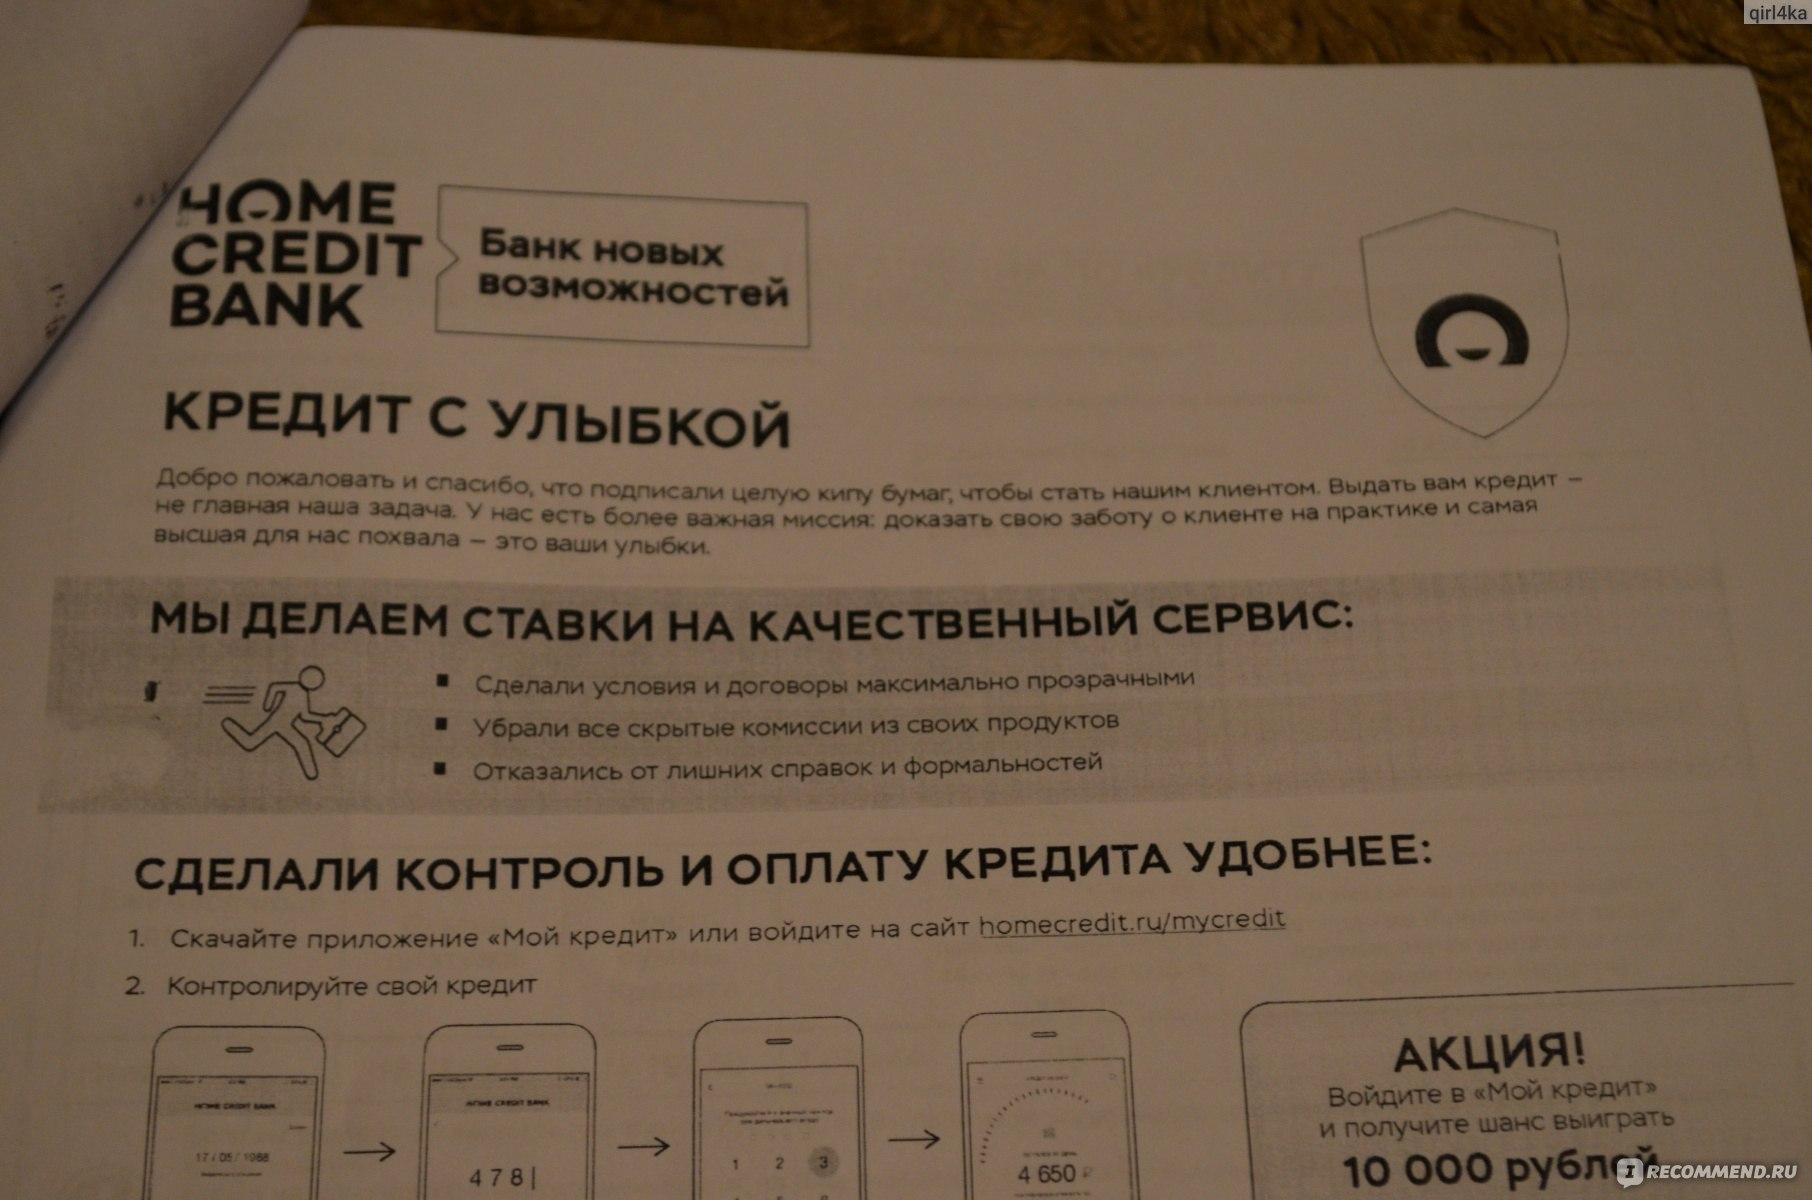 мой кредит homecredit ru mycredit кредит под залог птс новороссийск